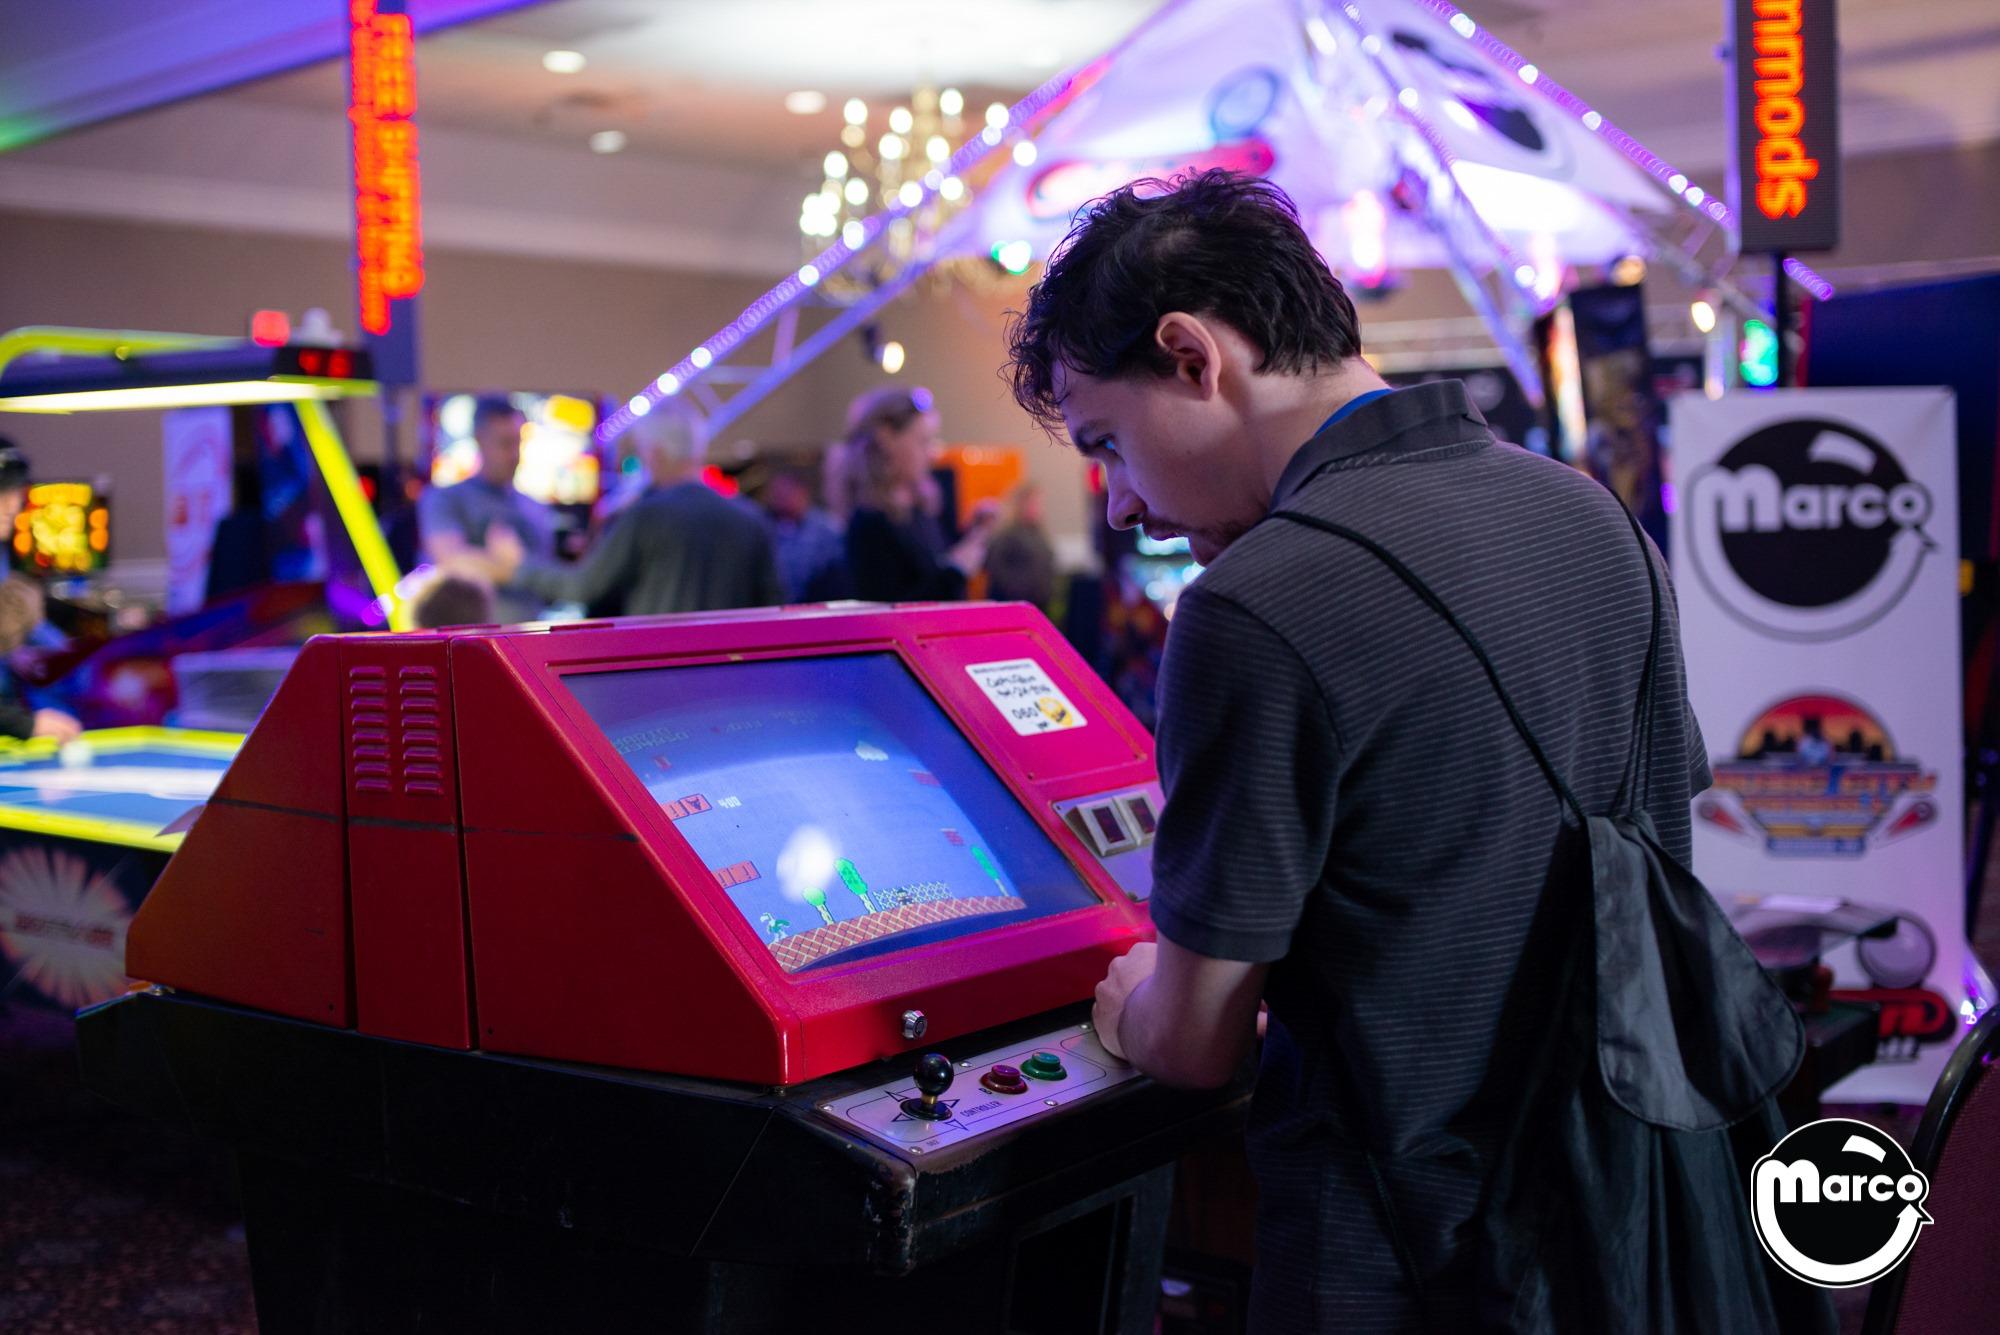 Arcade Games at Music City Multi Con